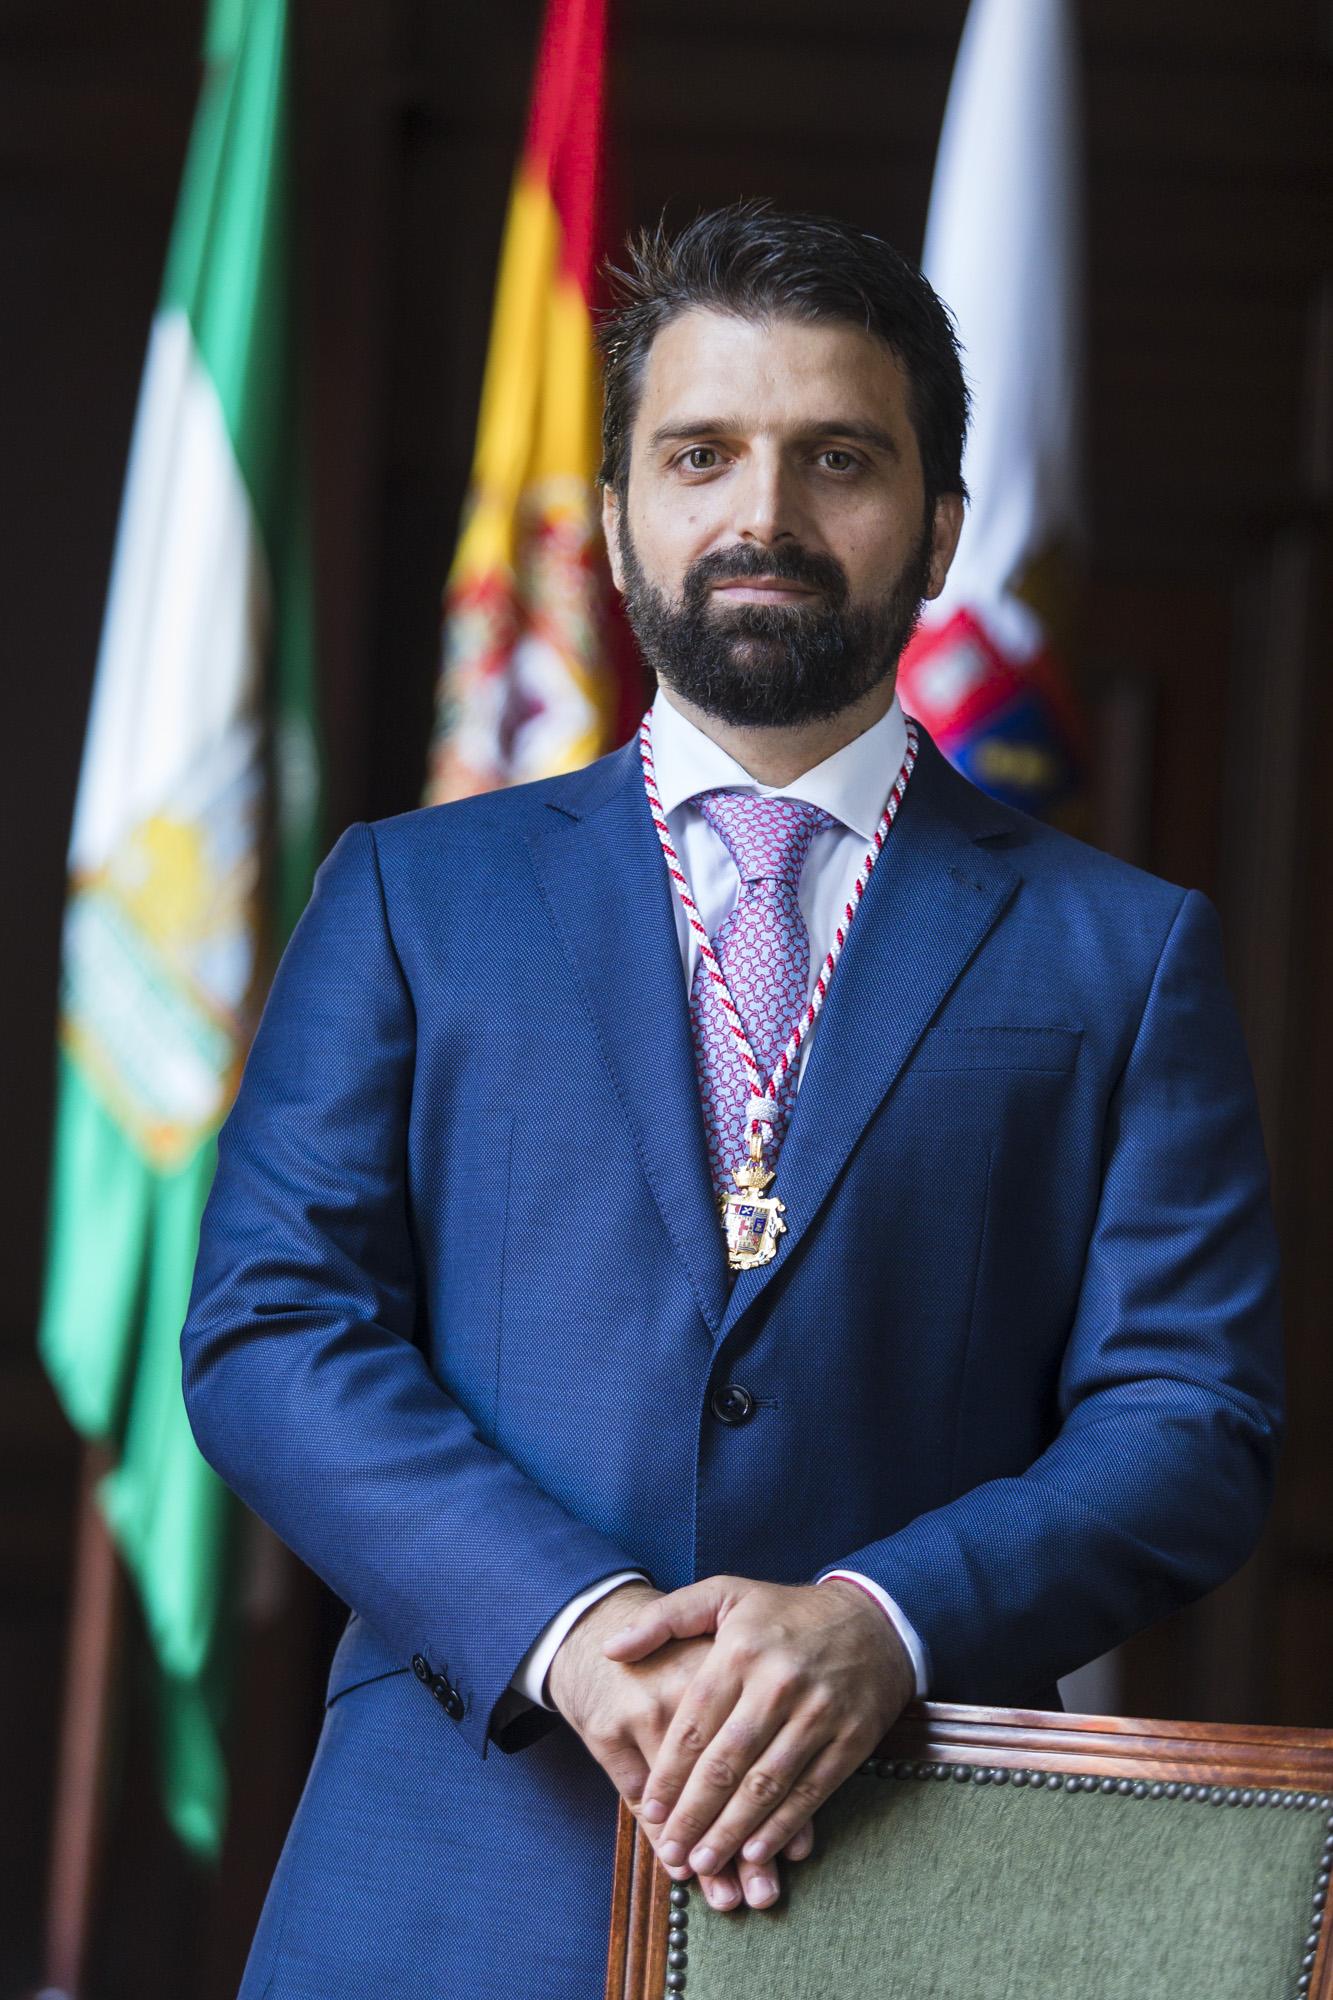 Juan Francisco Rojas Fernández